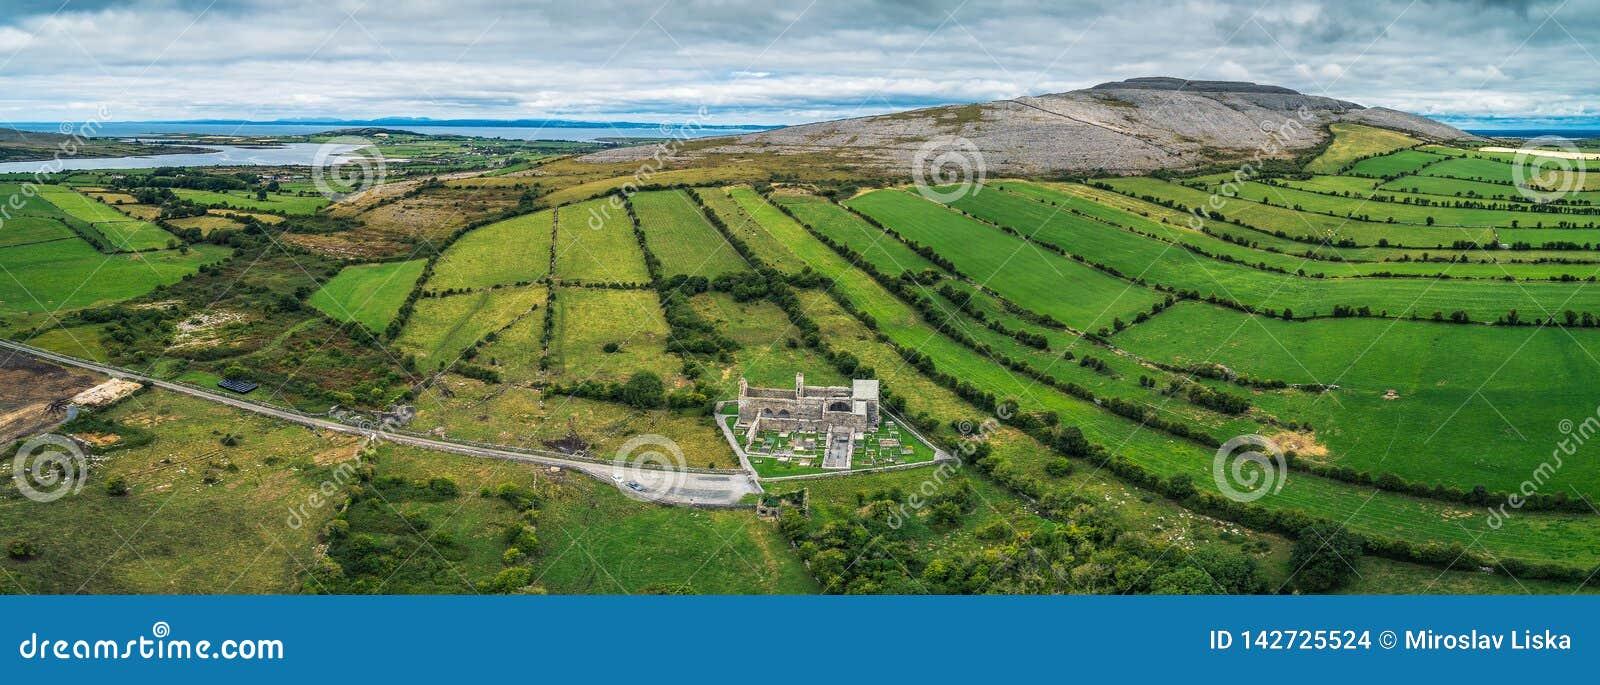 Flyg- panorama av den Corcomroe abbotskloster fördärvar och dess kyrkogård